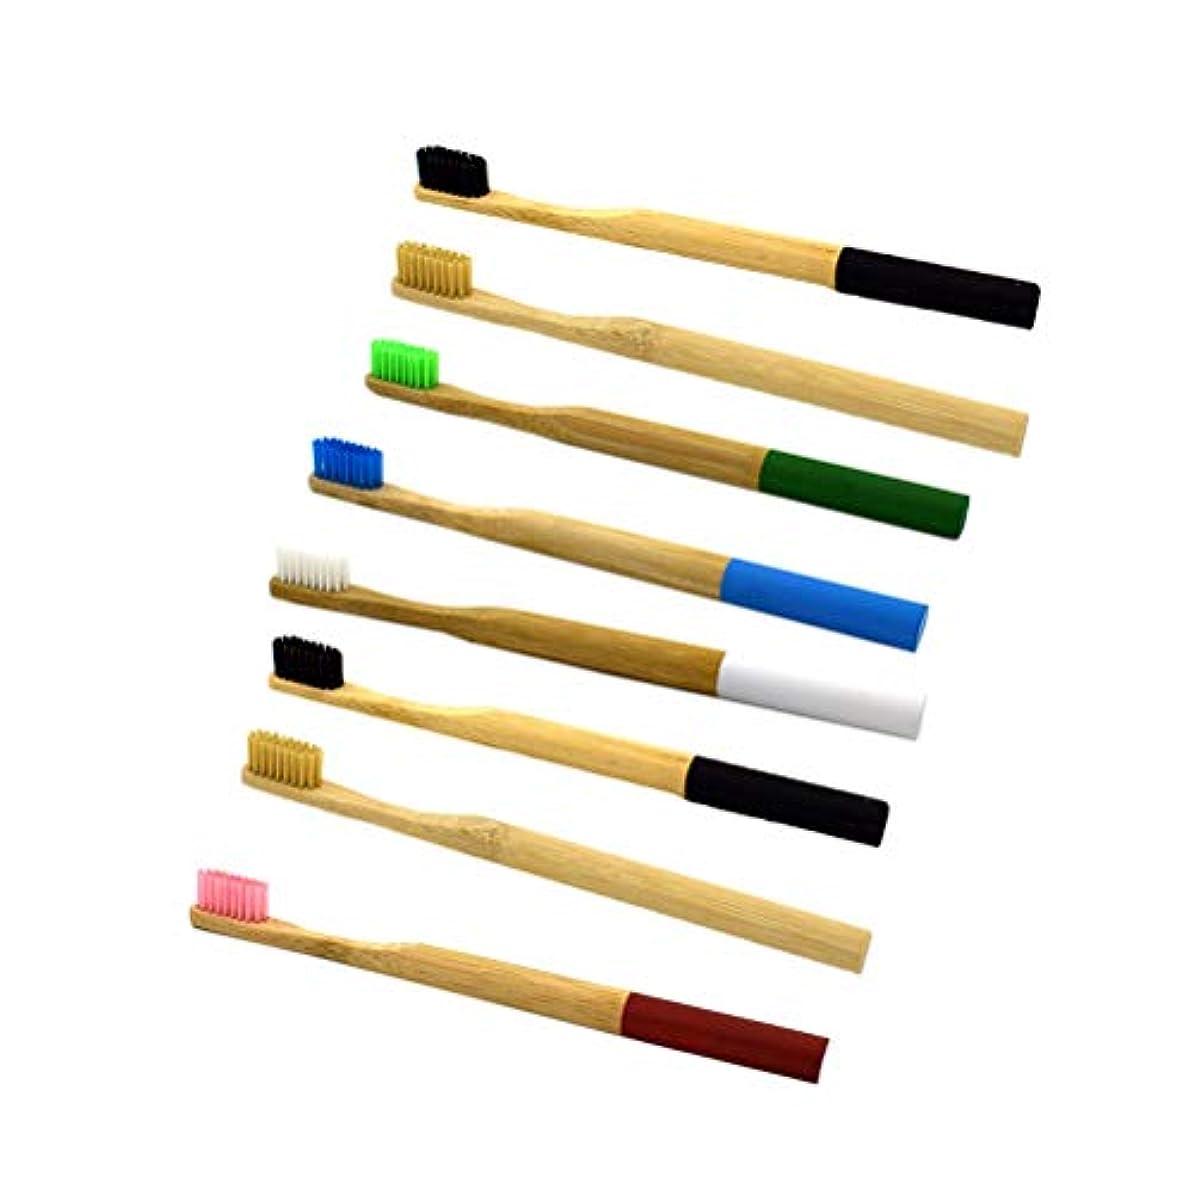 代数的ブラジャー自由Healifty 8本 竹炭の歯ブラシ 竹の歯ブラシ 分解性 環境保護の歯ブラシ 天然の柔らかいブラシ 混合色 4本入